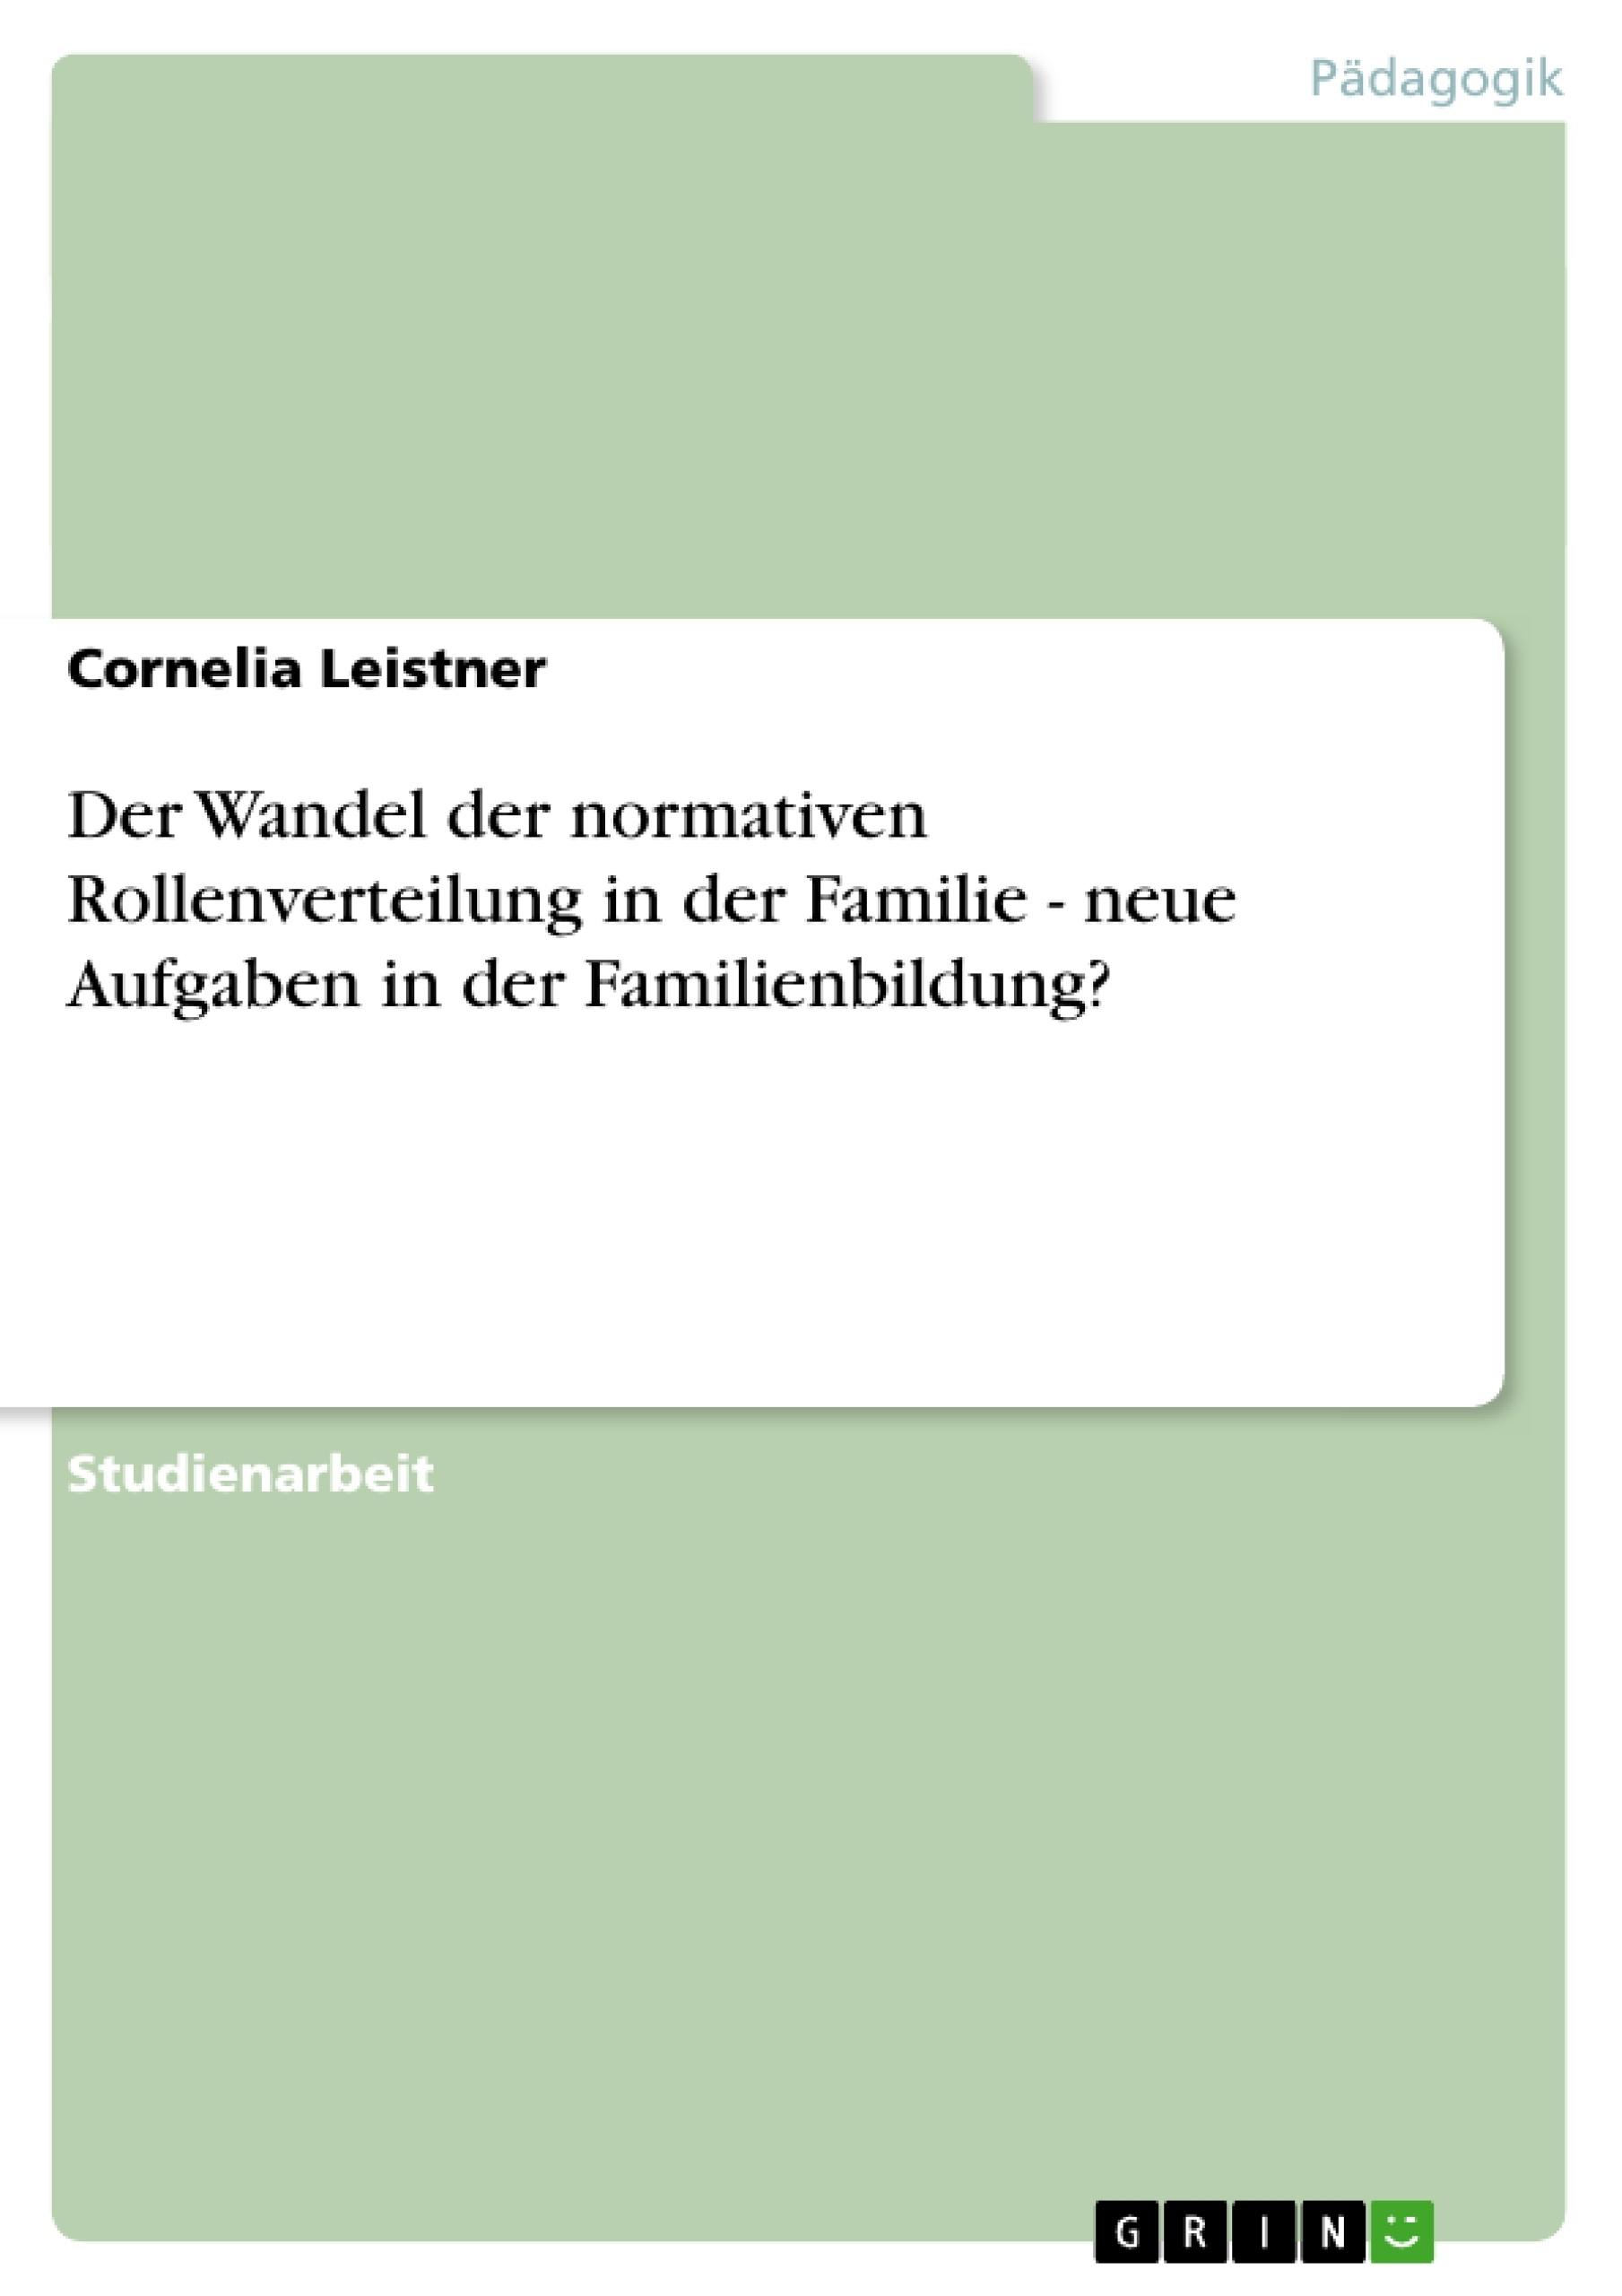 Titel: Der Wandel der normativen Rollenverteilung in der Familie - neue Aufgaben in der Familienbildung?